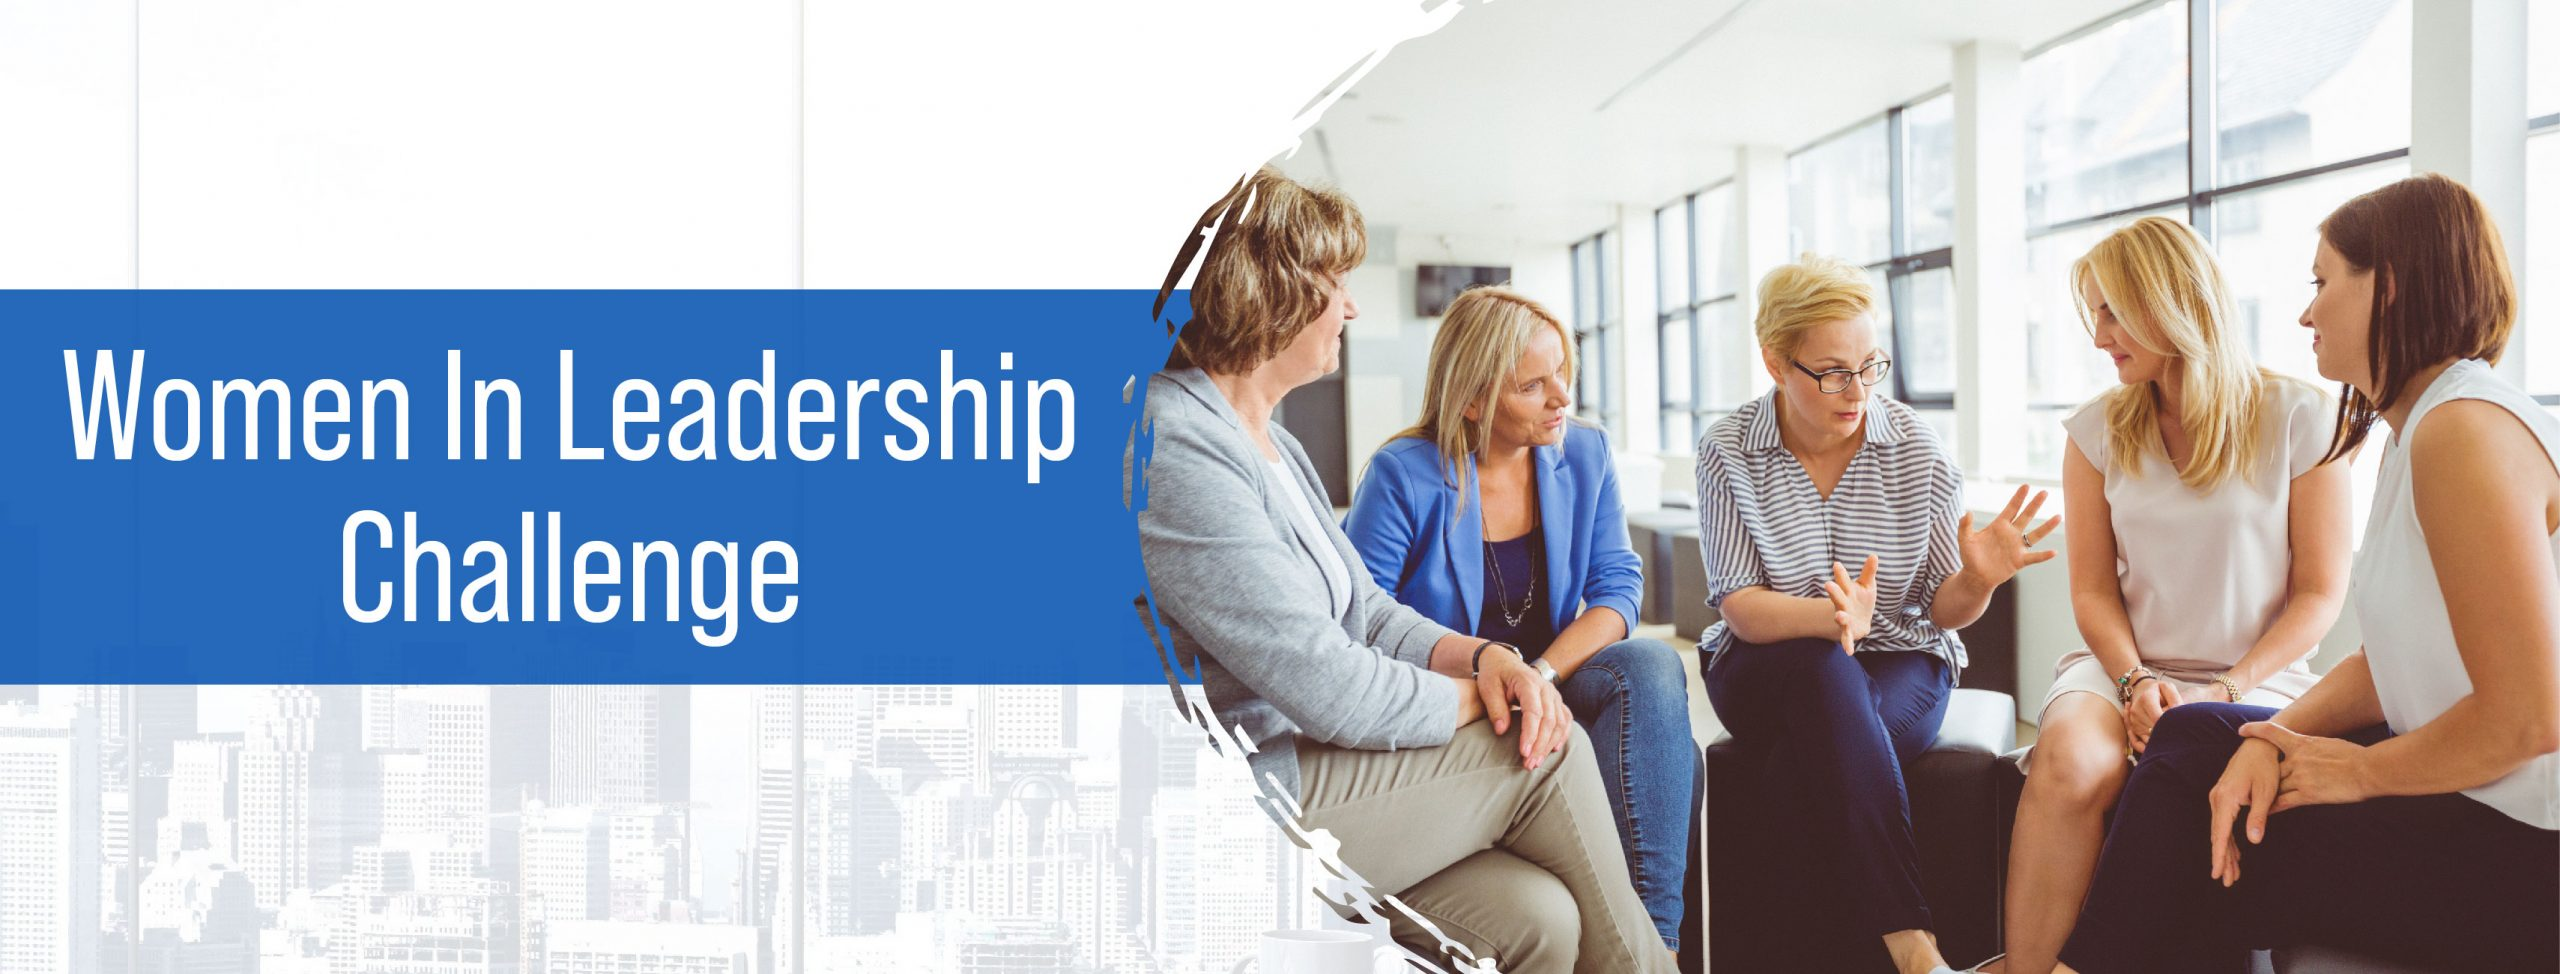 Women In Leadership Challenge